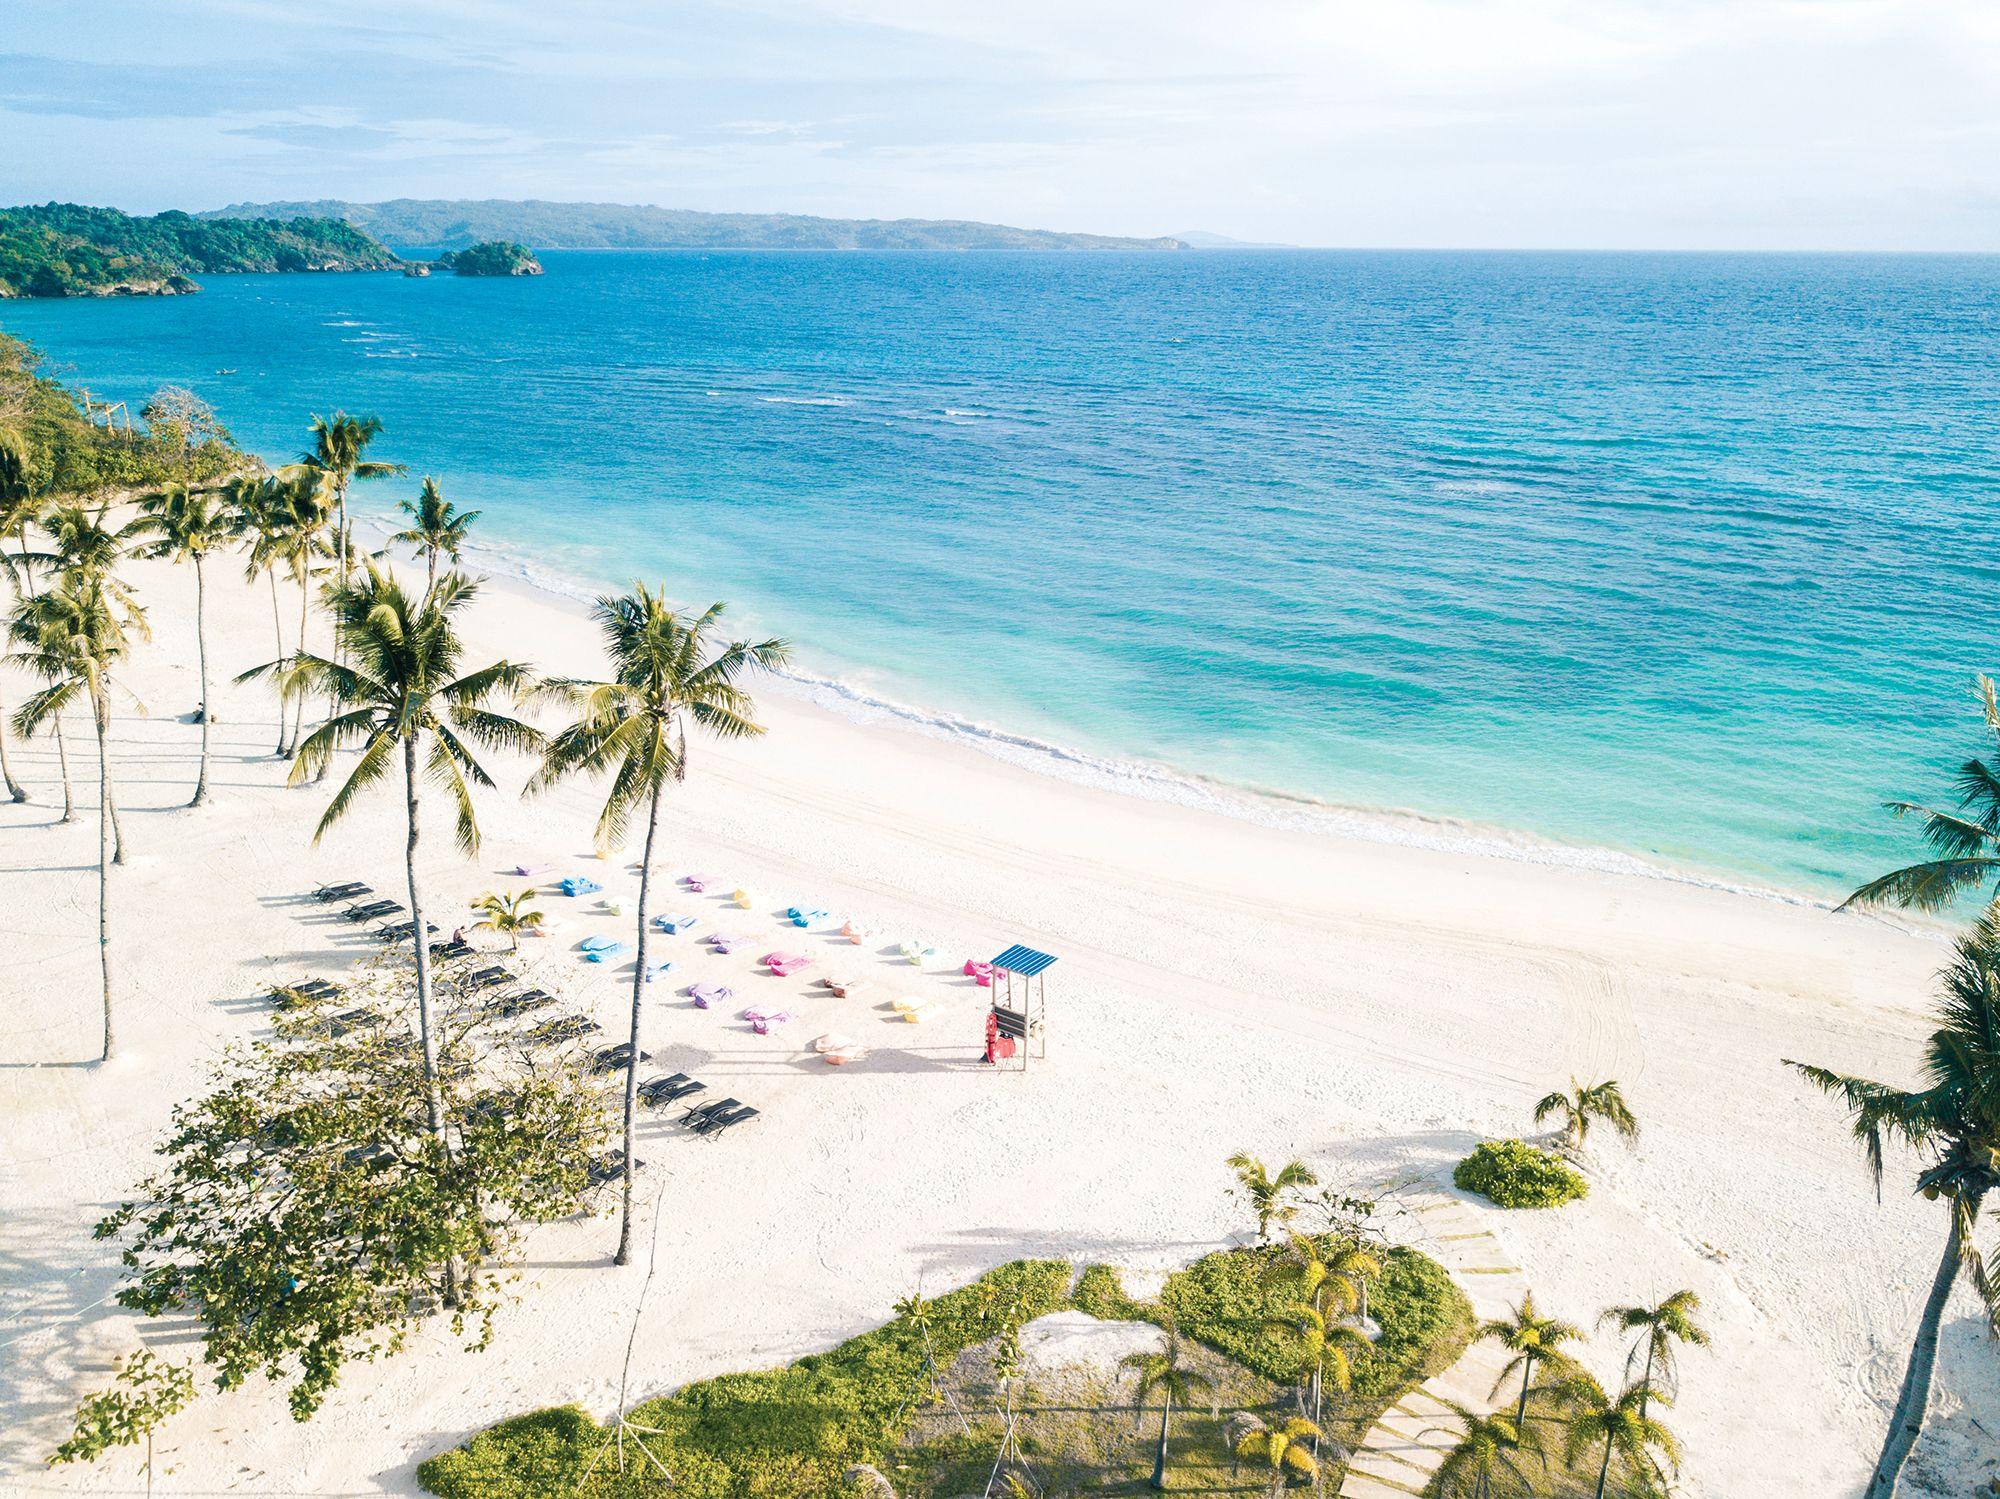 Savoy Hotel Boracay: Oasis of Calm